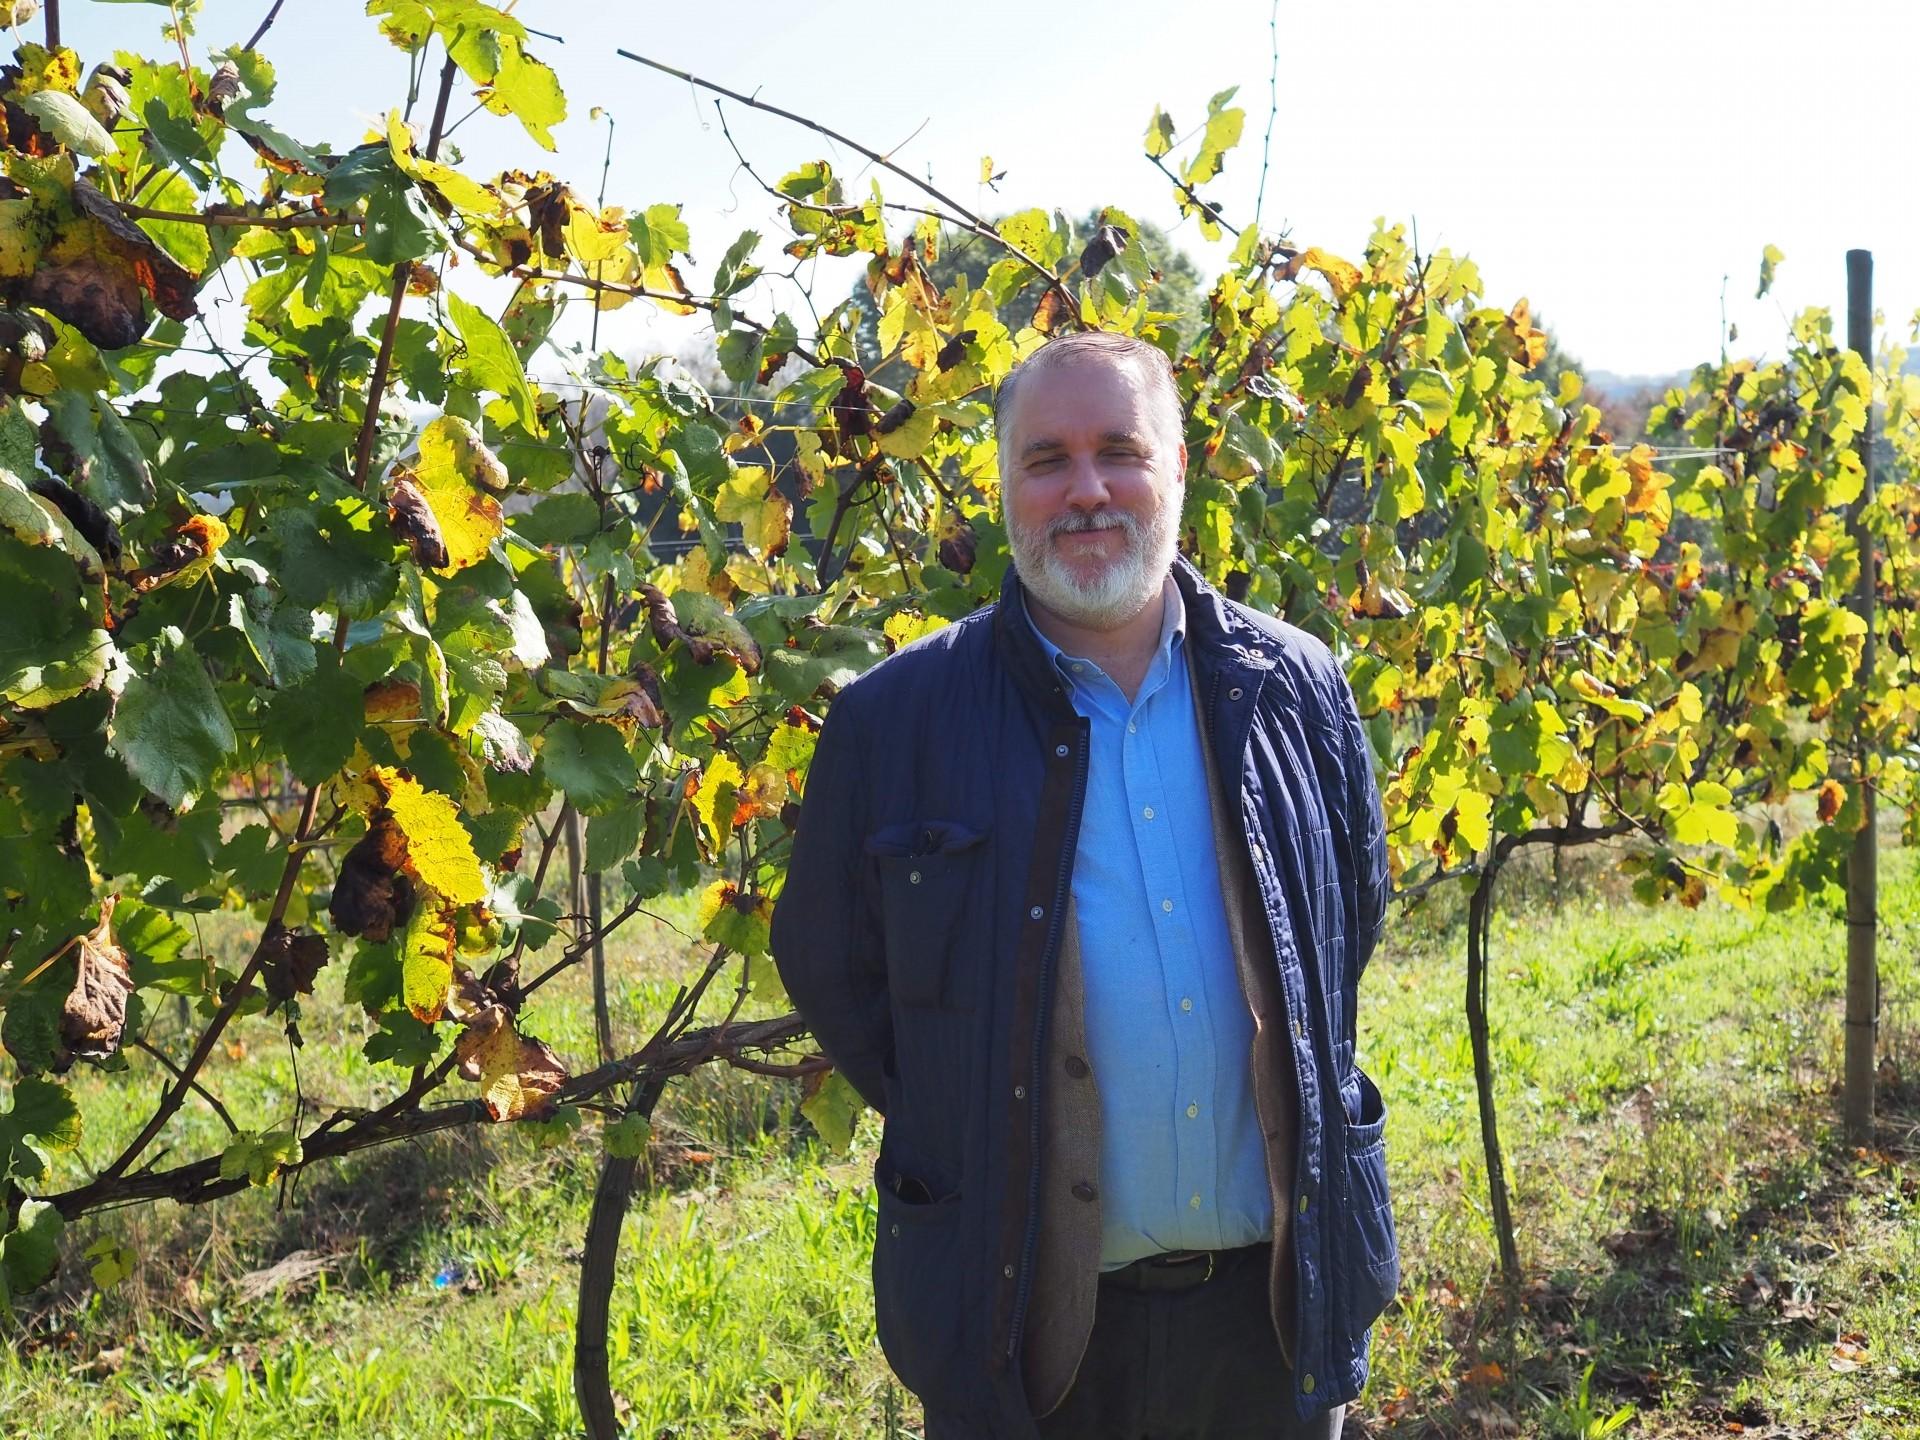 キンタ・デ・パッソスの畑にて、オーナー息子のパウロ・ラモス